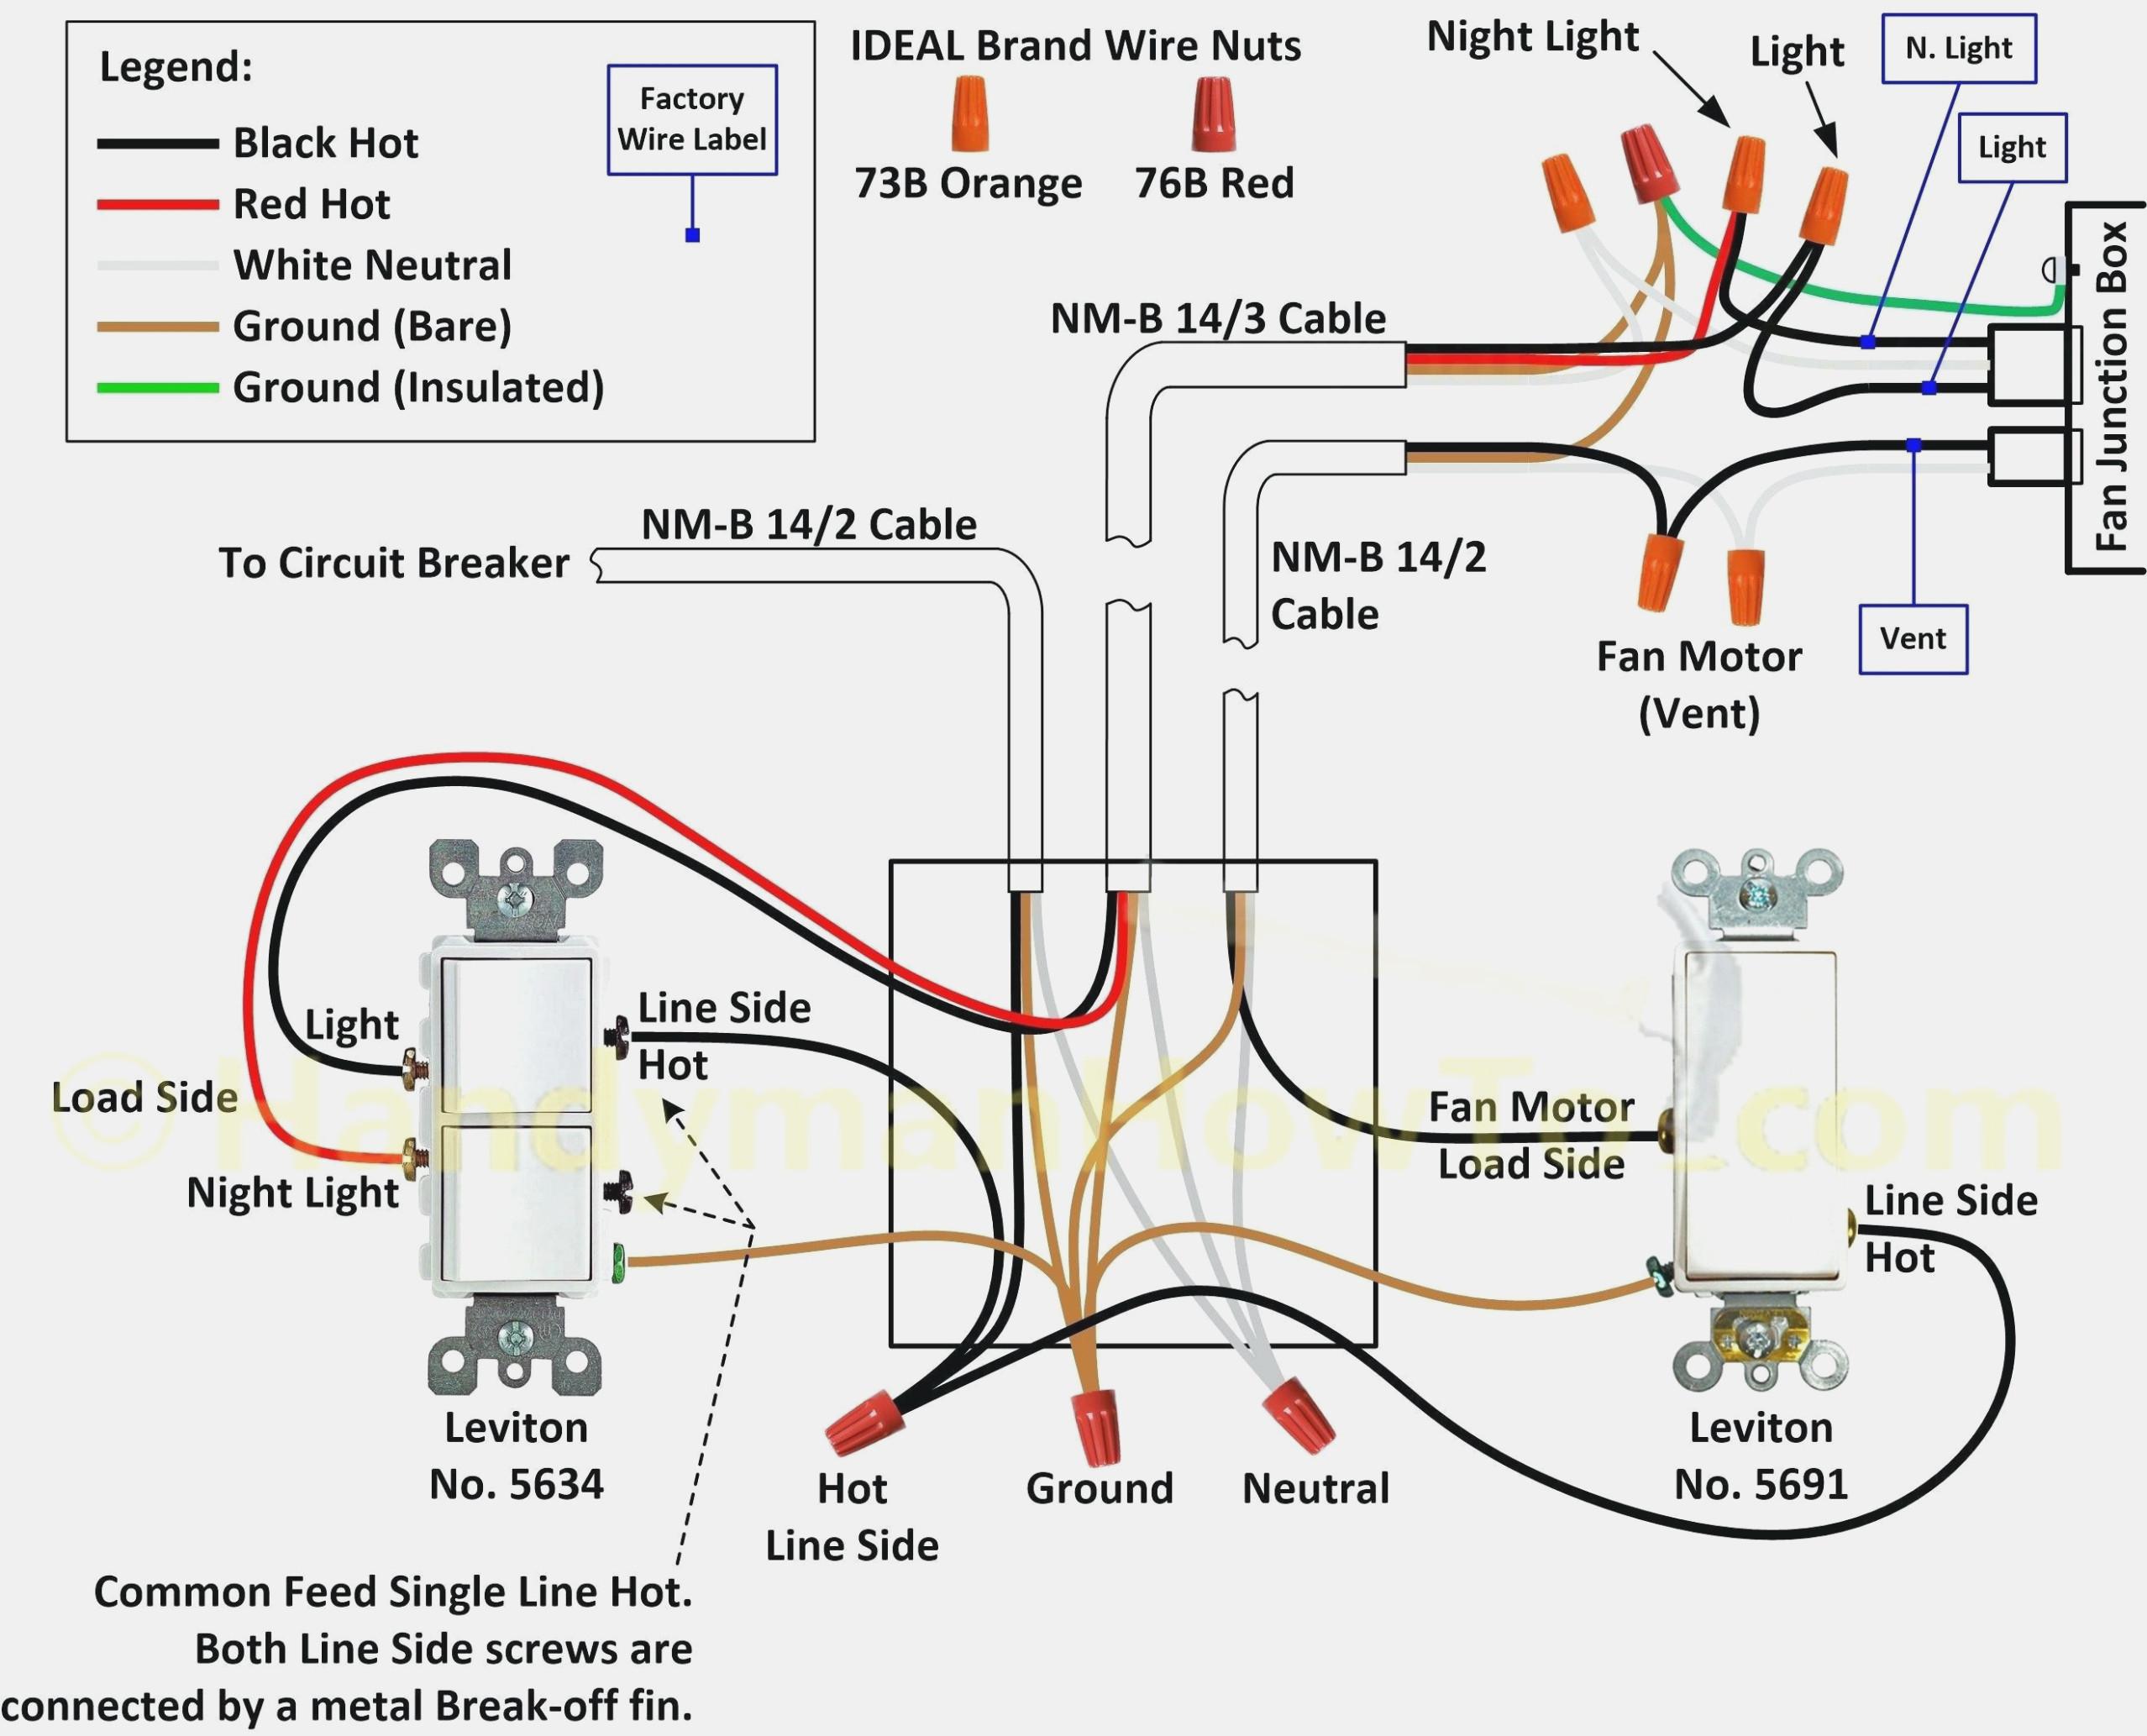 Three Way Dimmer Switch Wiring Diagram | Wiring Diagram - Dimming Switch Wiring Diagram